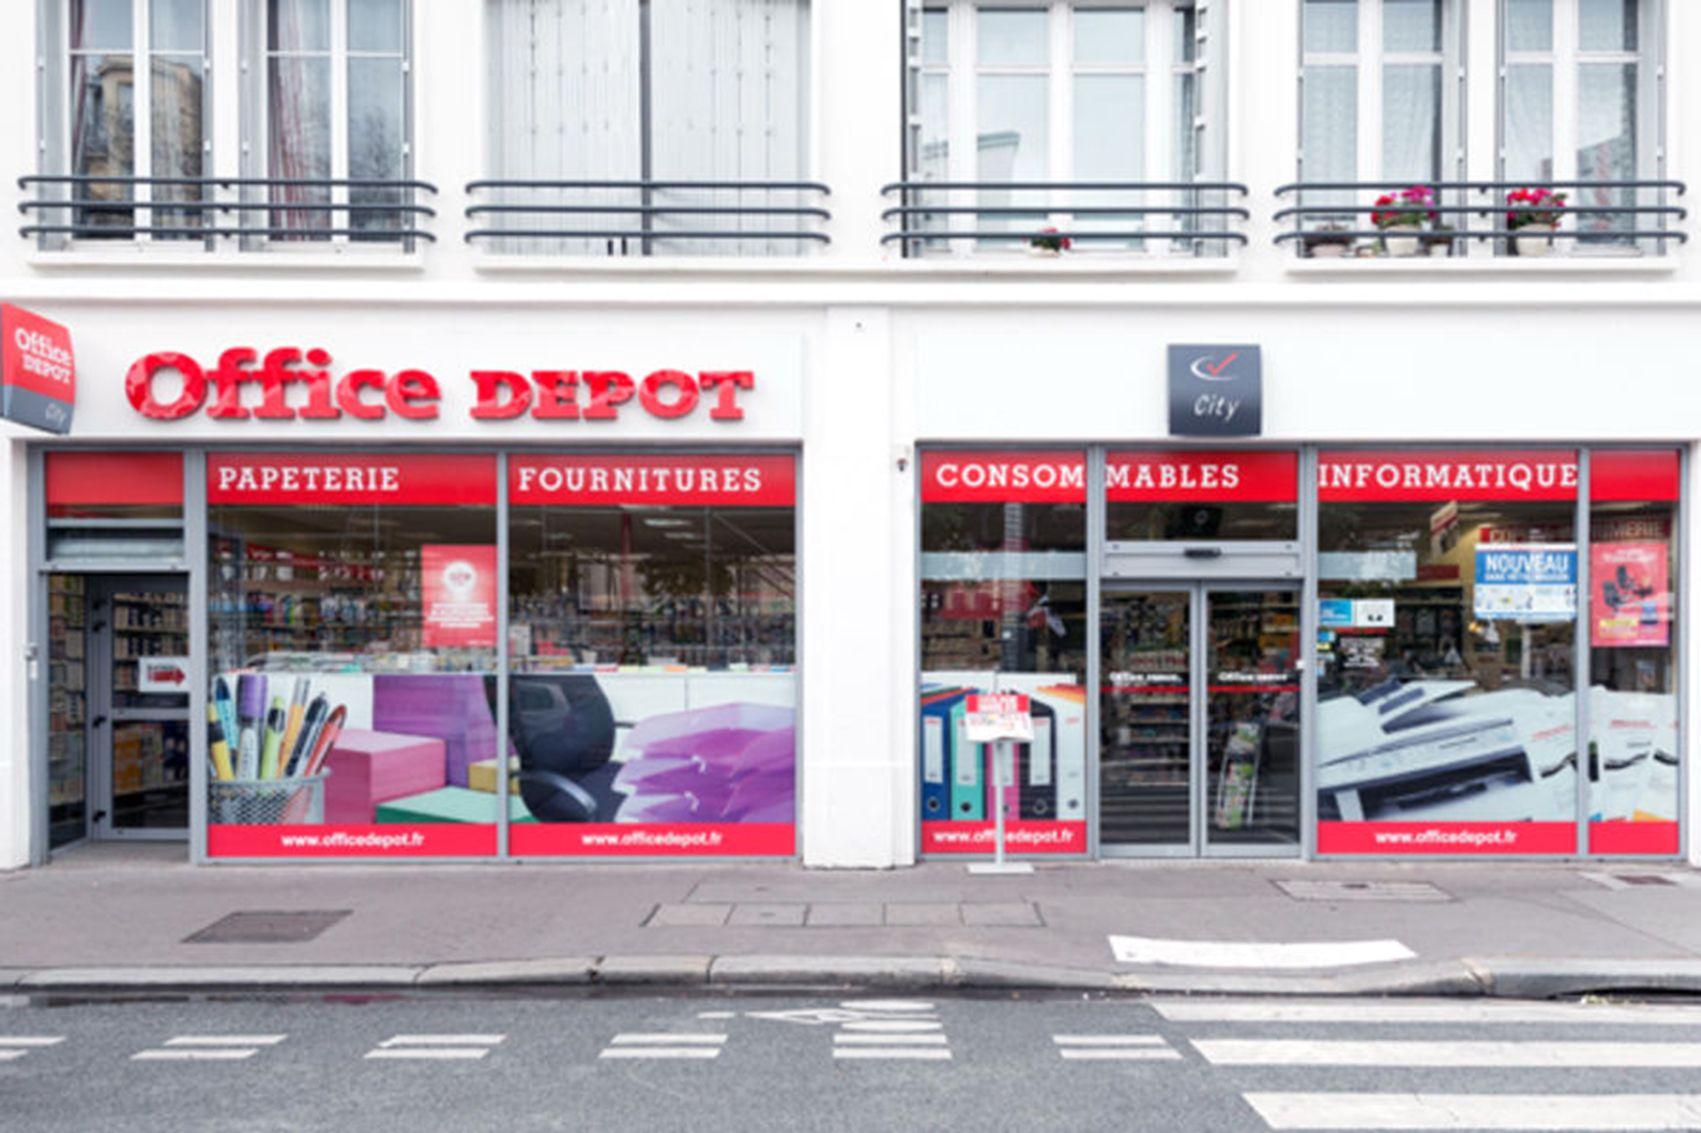 Le Pour Hedw9i2 Redevenir Plan Depot France Rentable D'office ZPOXukiT